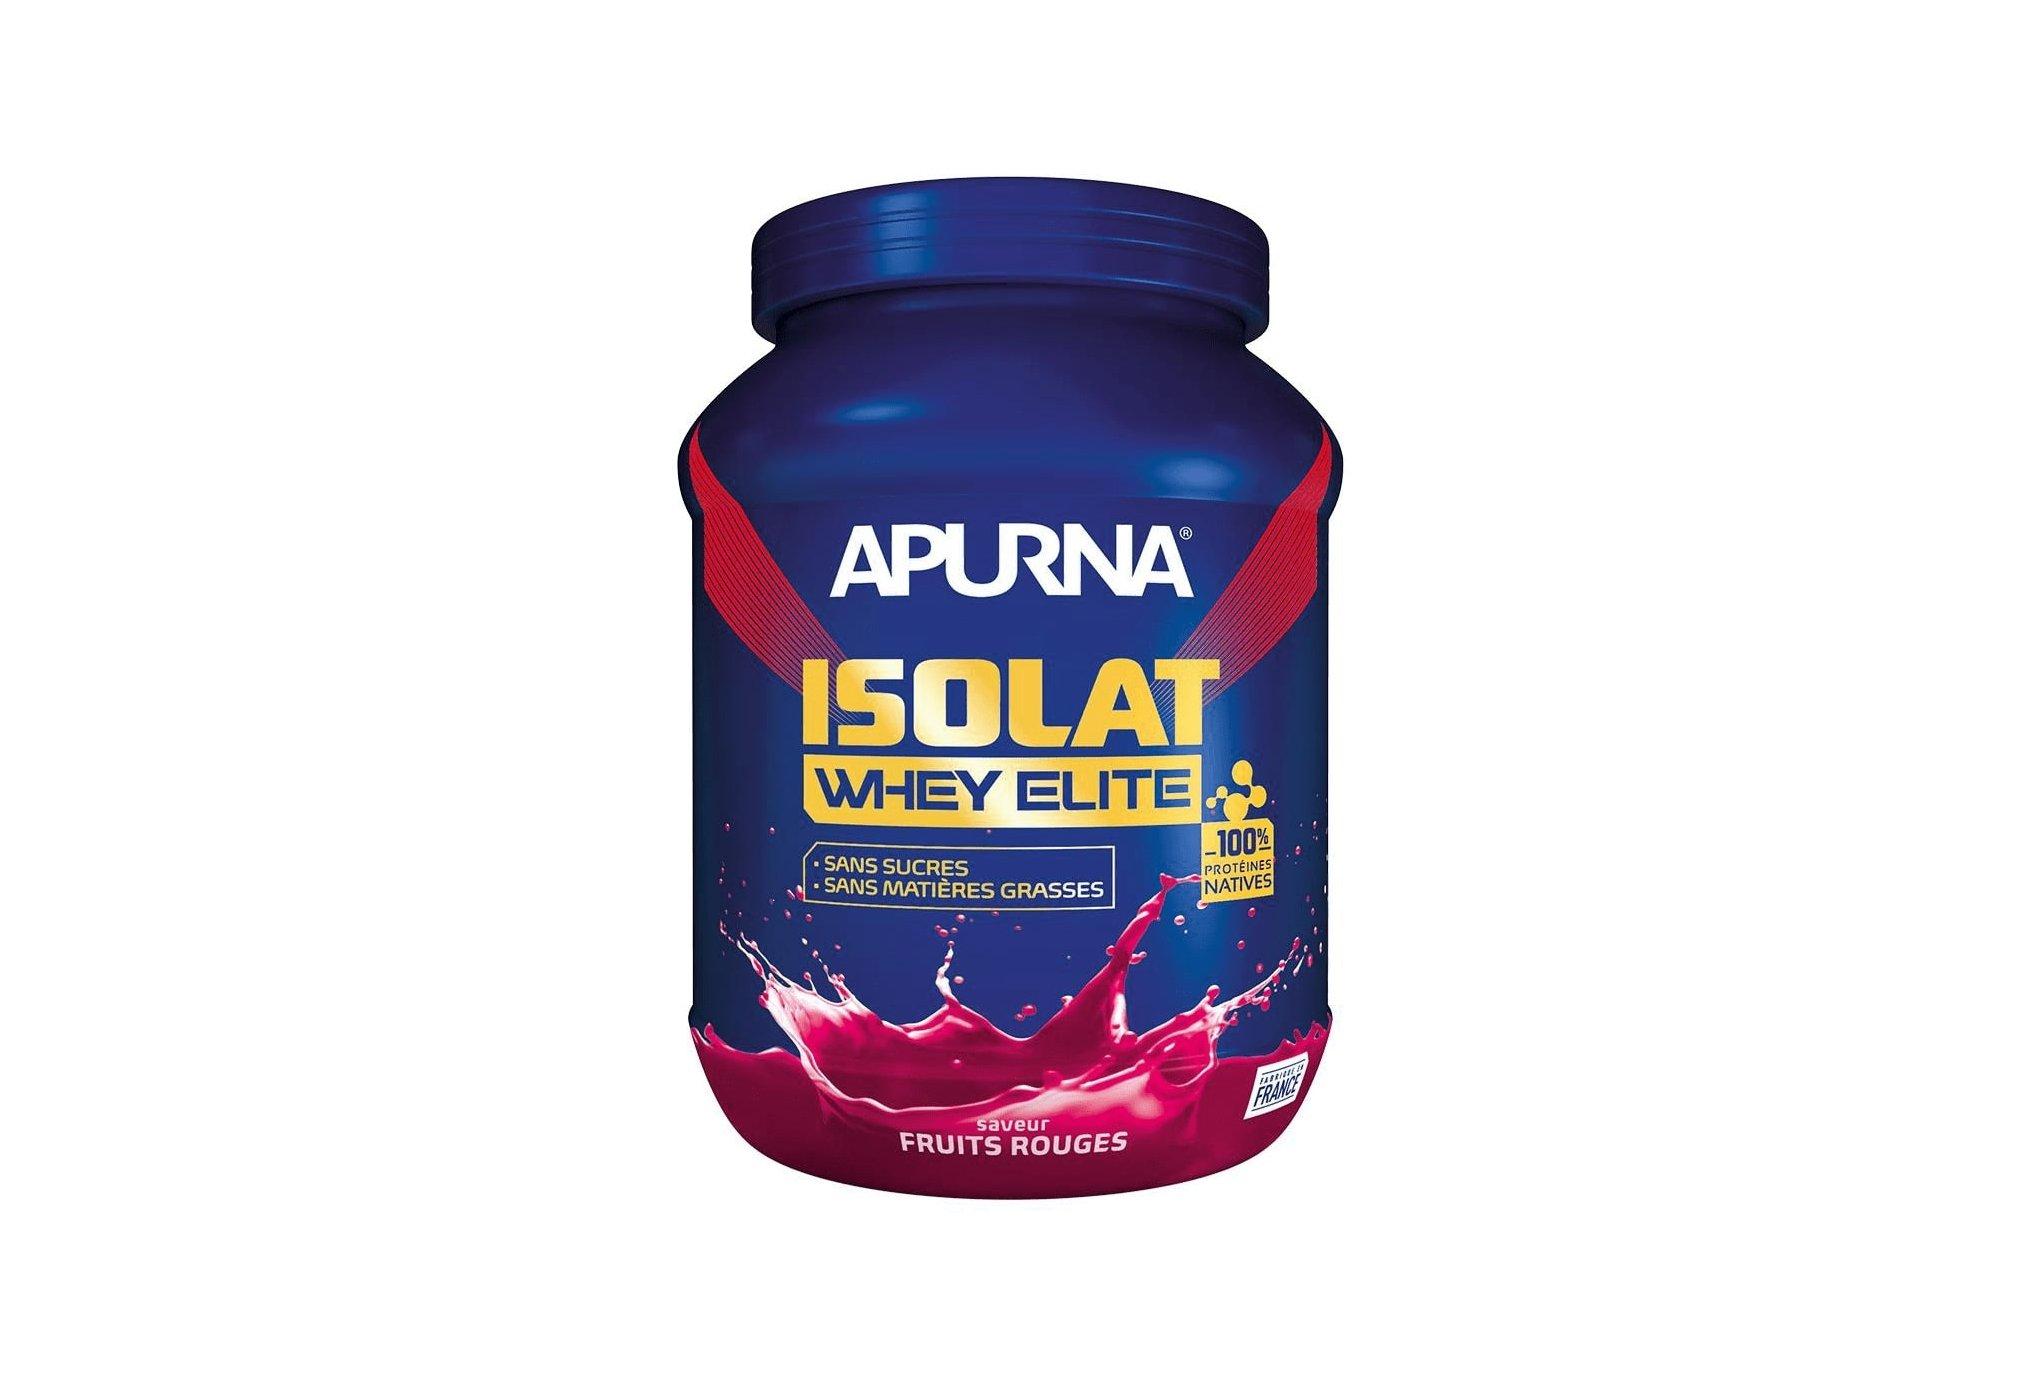 Apurna Isolat Whey Elite 720 g - Fruits Rouges Diététique Protéines / récupération